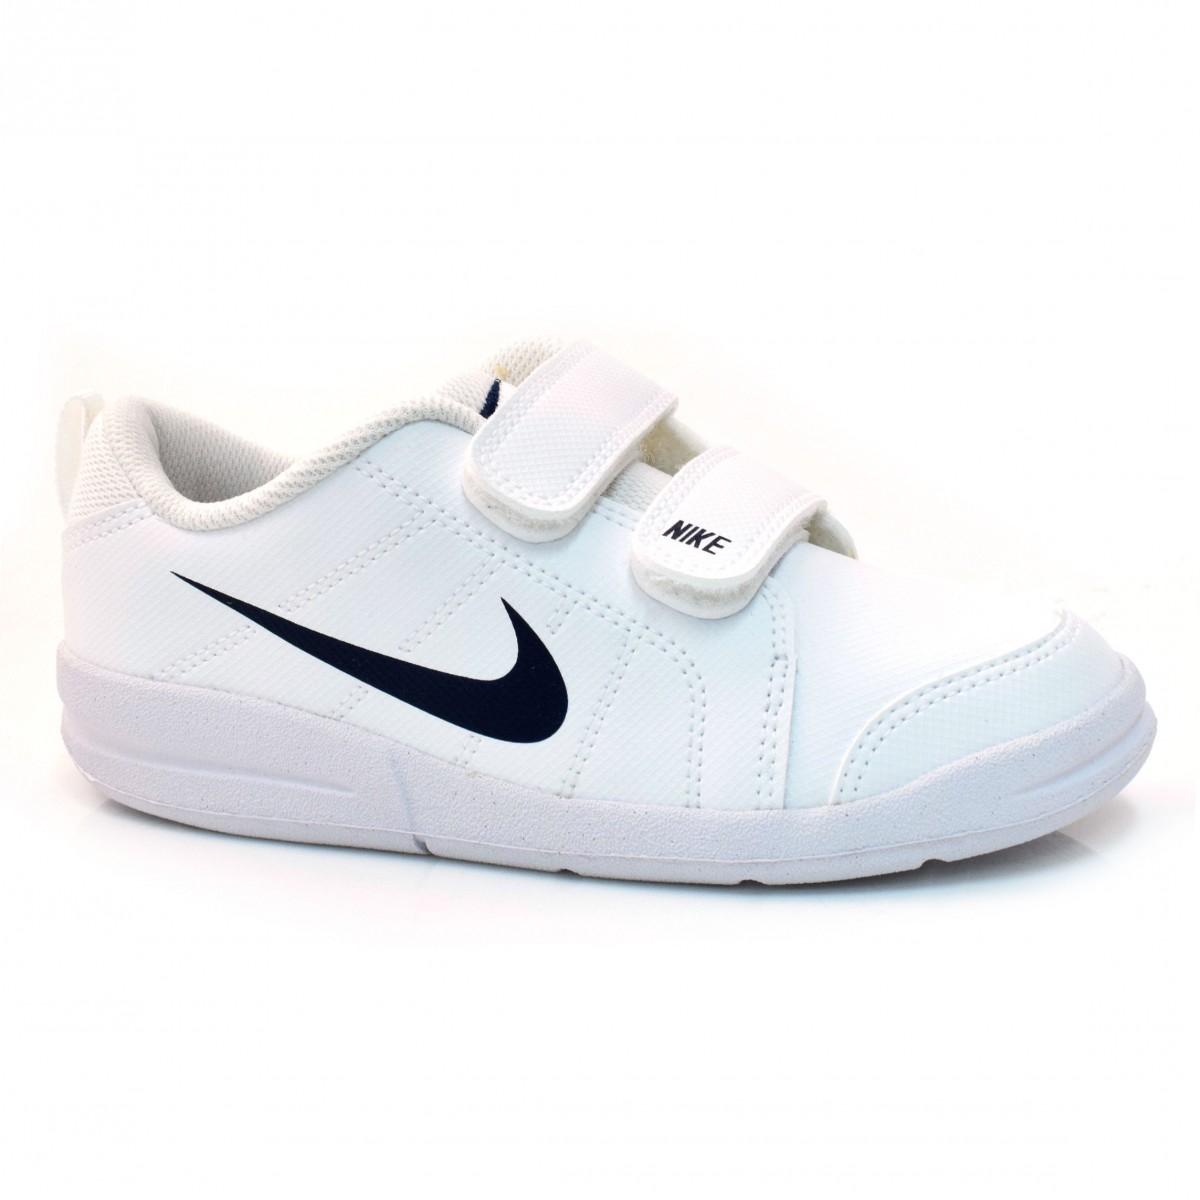 Tênis Branco Infantil Nike Pico Lt BRANCO MARINHO Com o Melhor Preço ... d1eb12e624f72